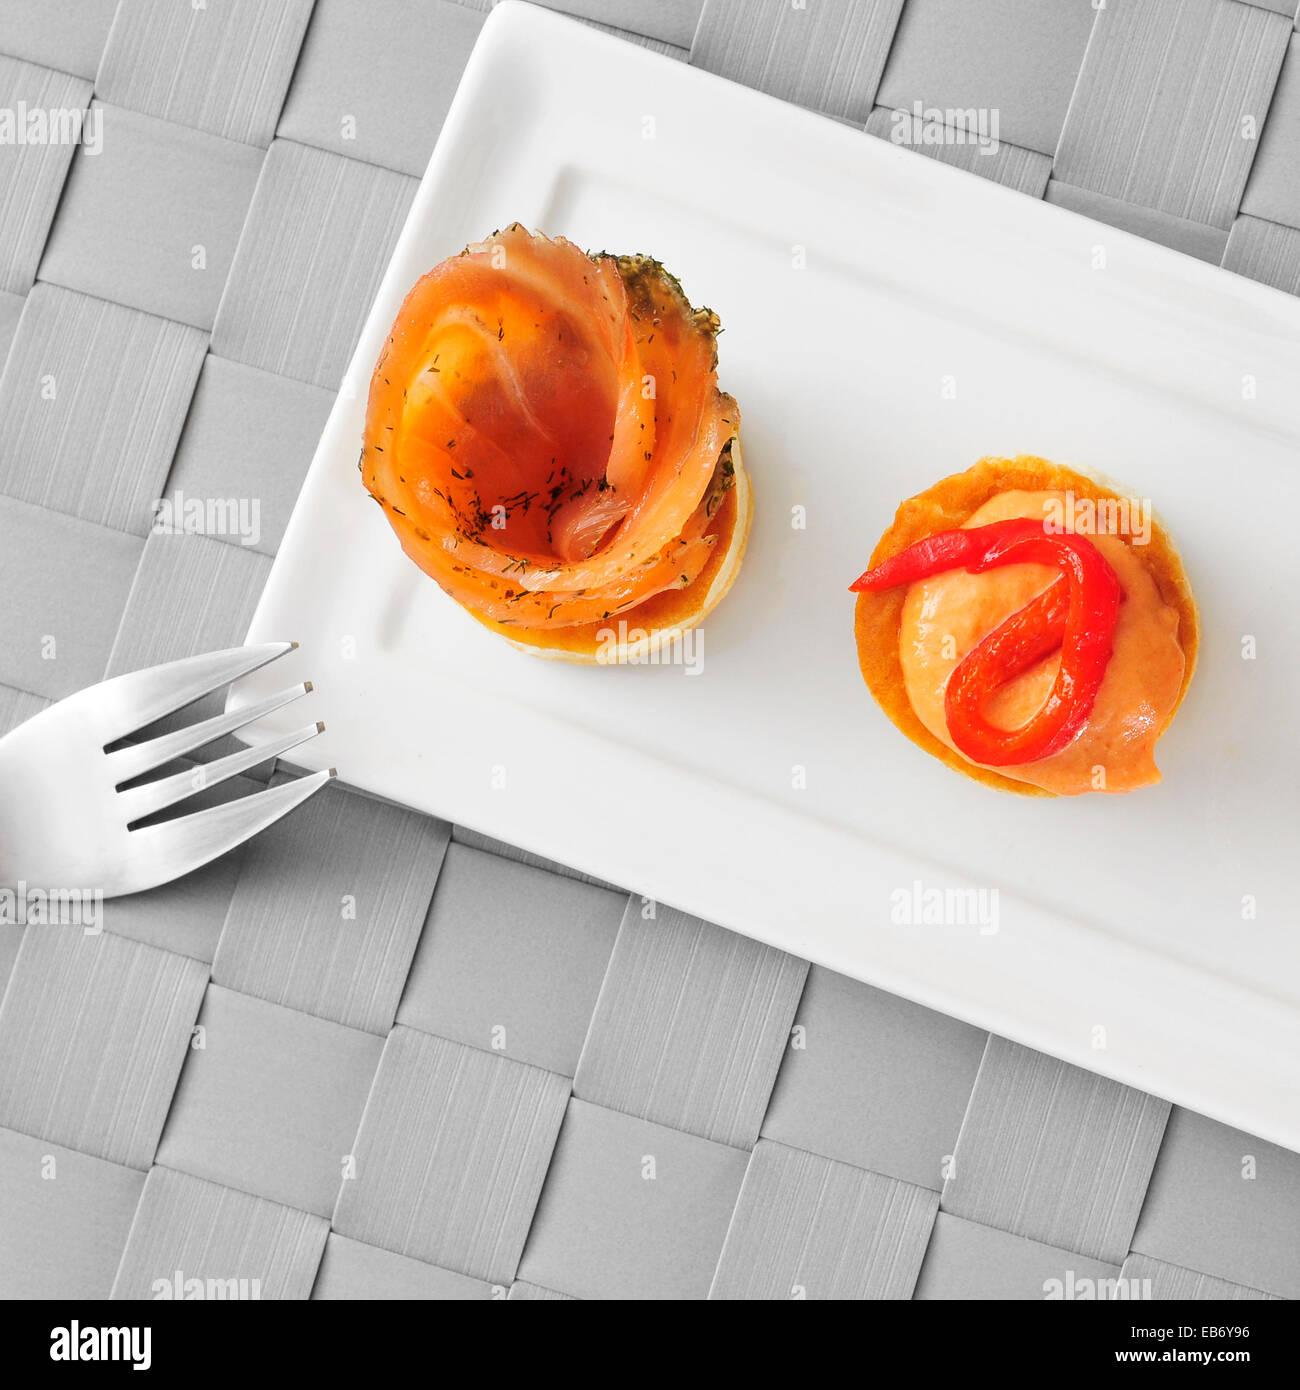 Una piastra con alcune diverse volauvents, uno riempito con salmone affumicato e l'altra uno riempito con pepe Immagini Stock